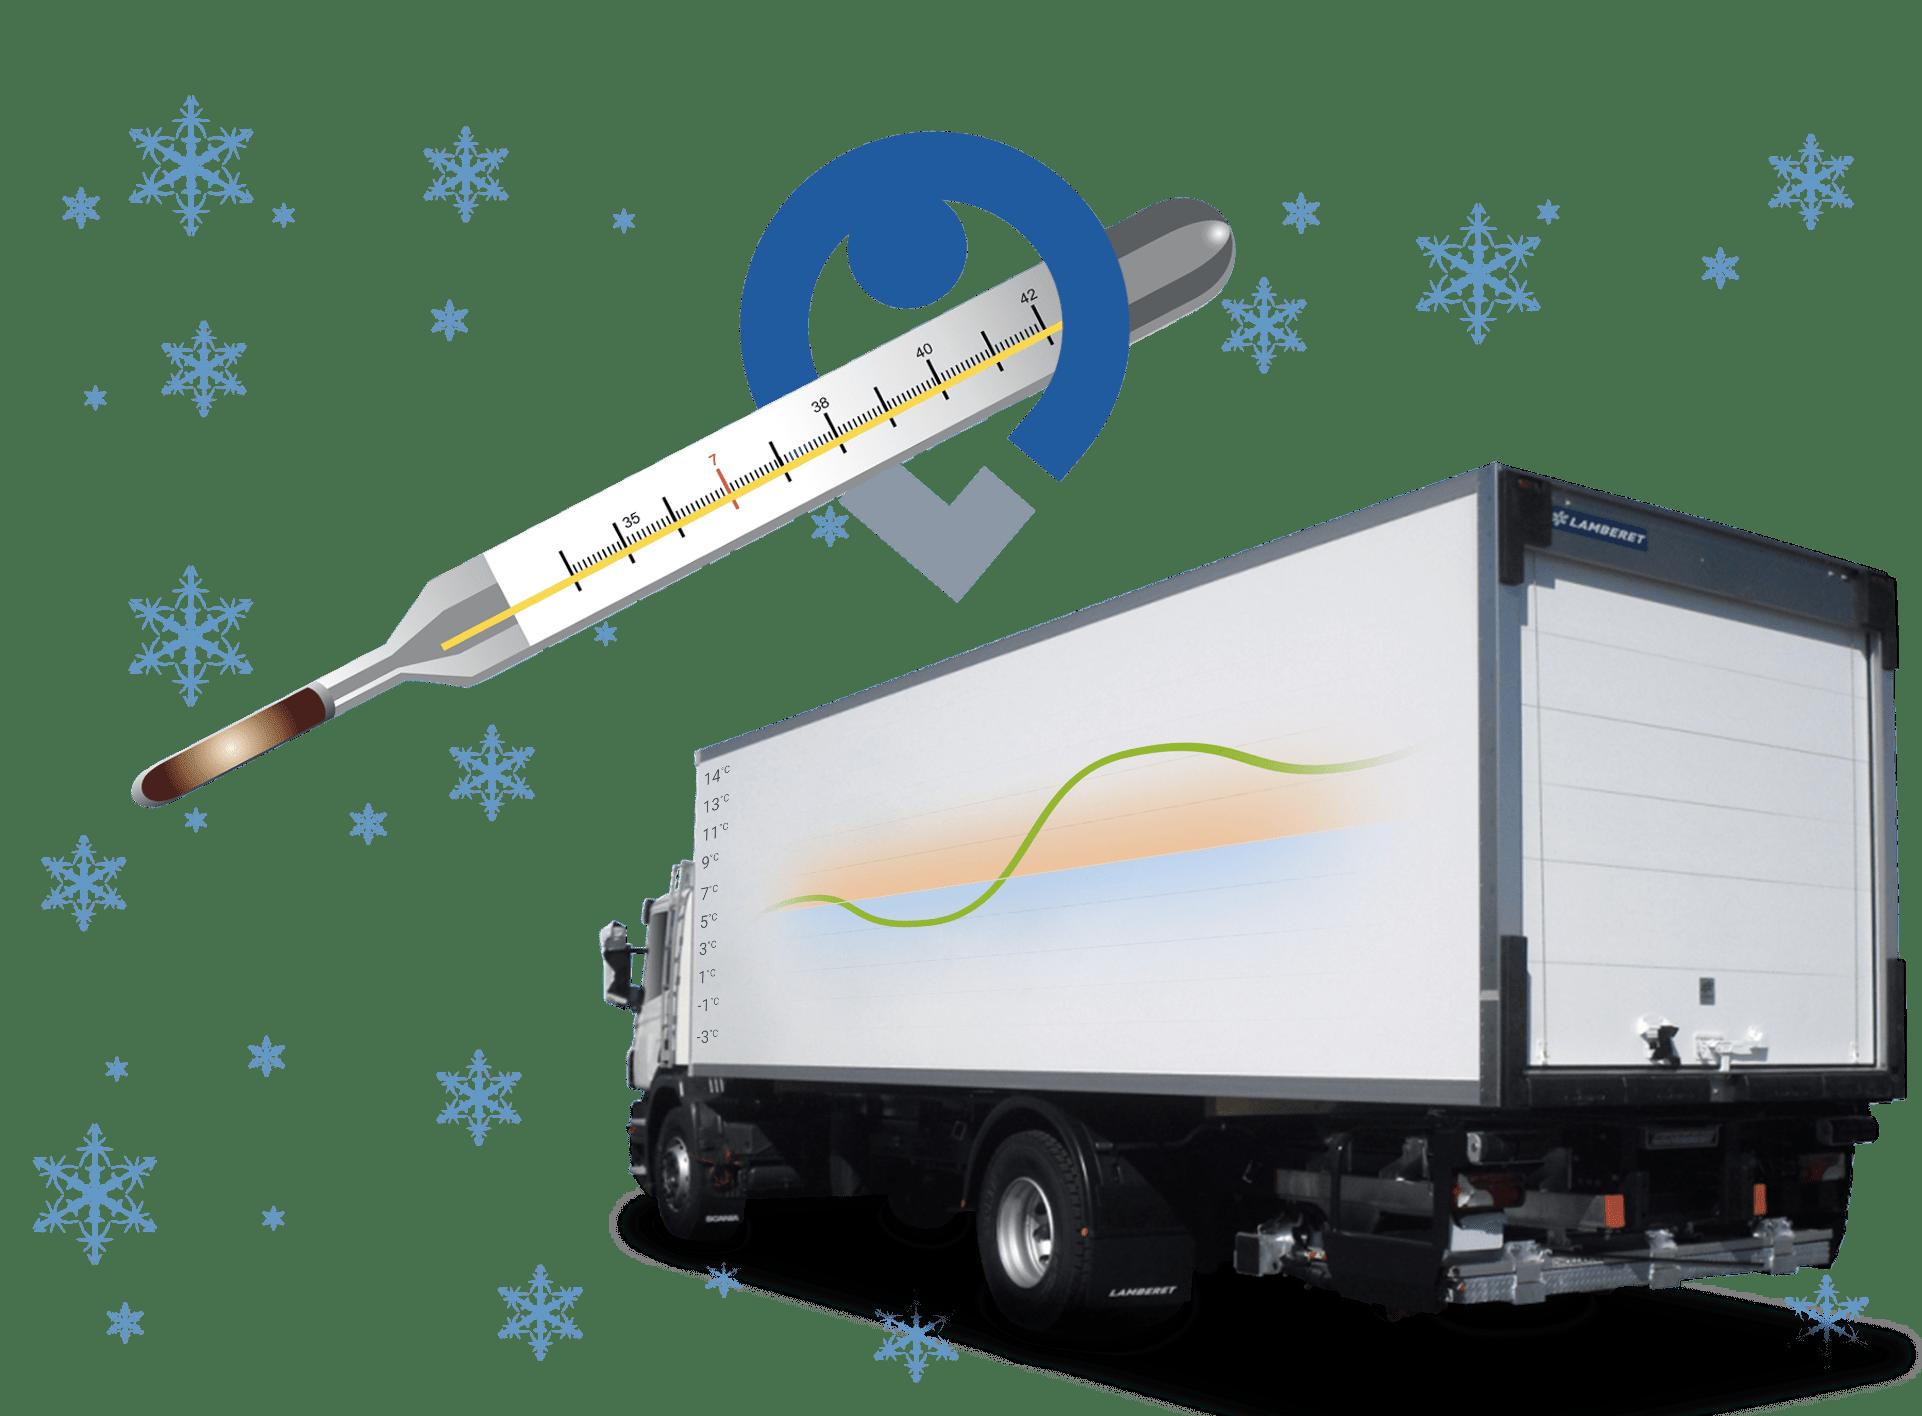 Localizzazione GPS di camion frigo in tempo reale - soluzione Sipli Fleet